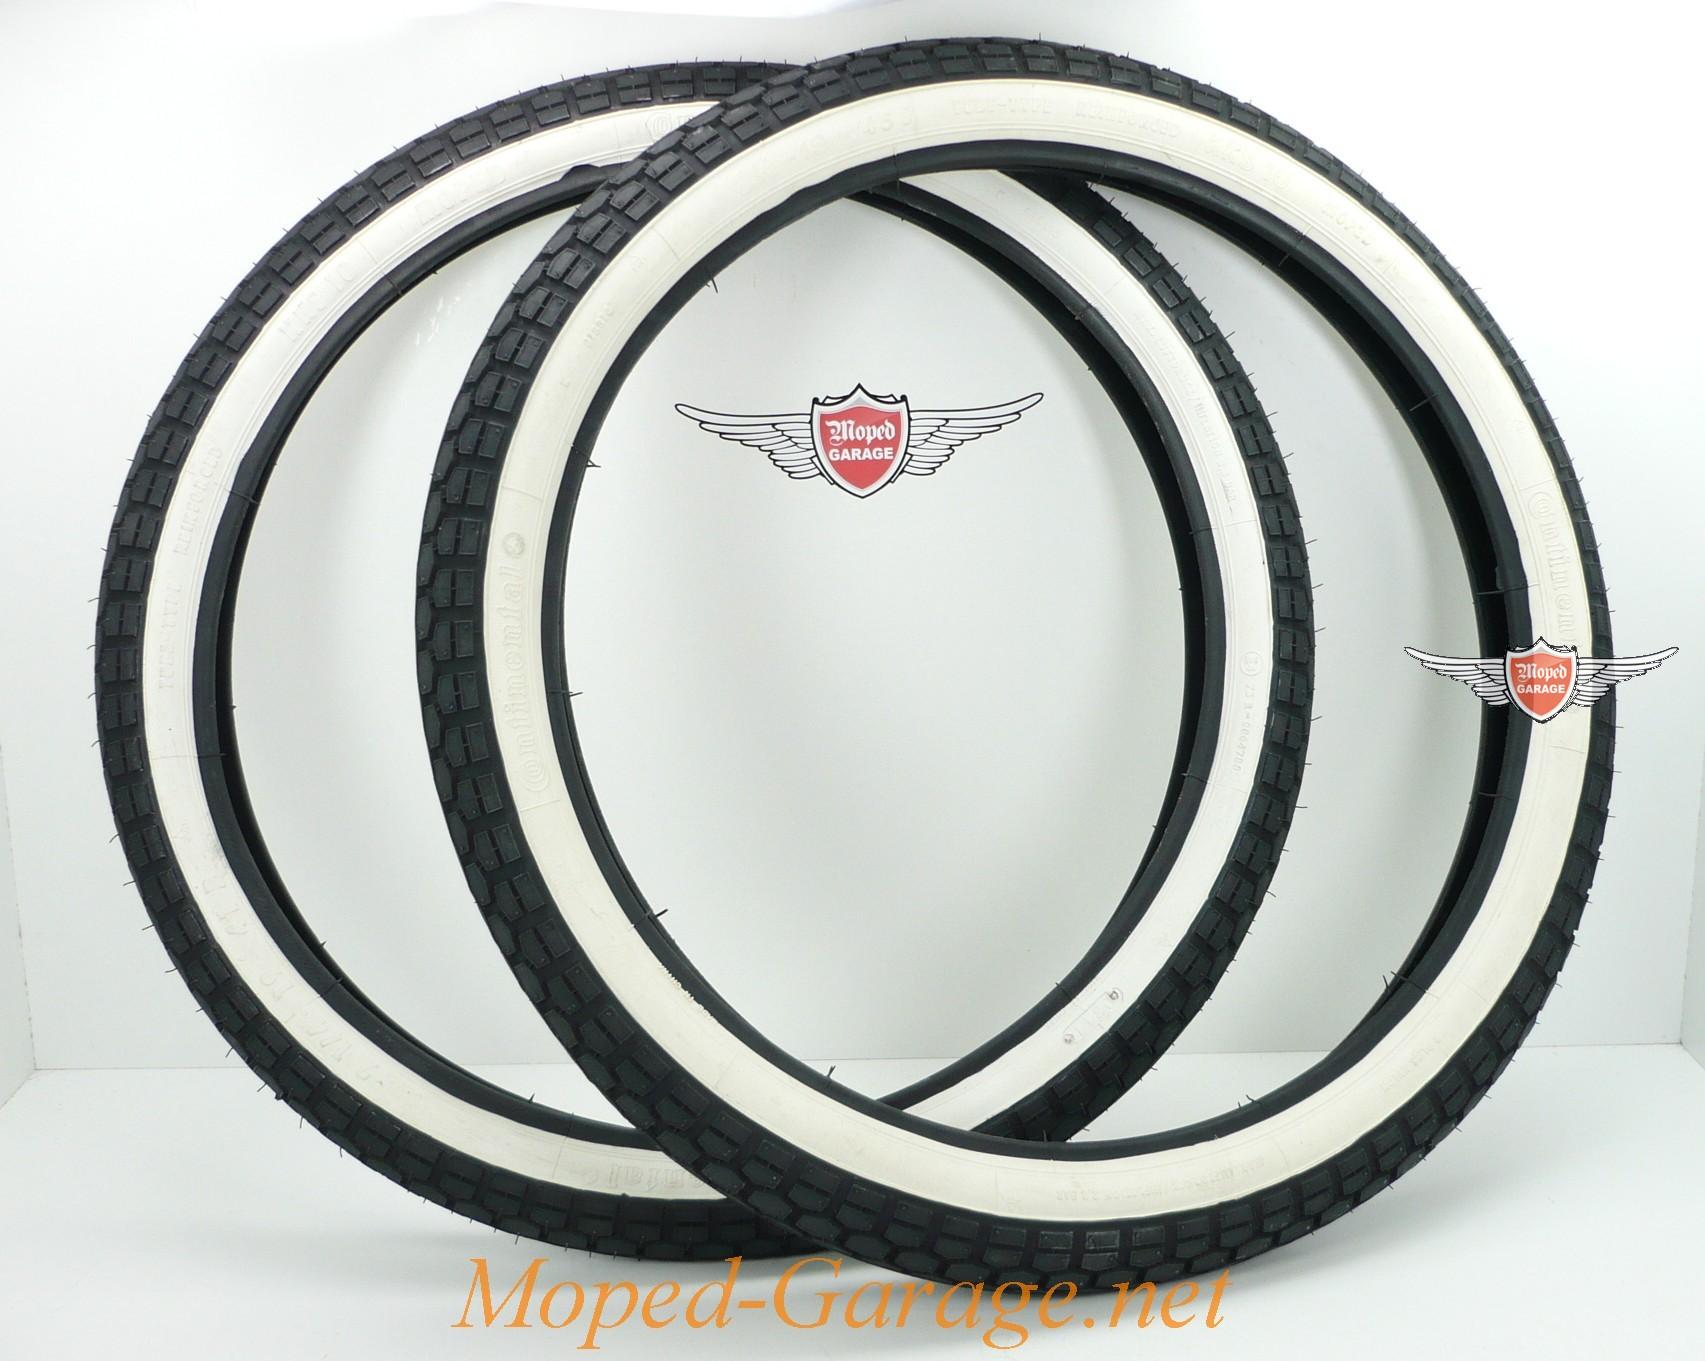 Puch MS 50 V Continental Weisswand Reifen Satz ad104bbc76